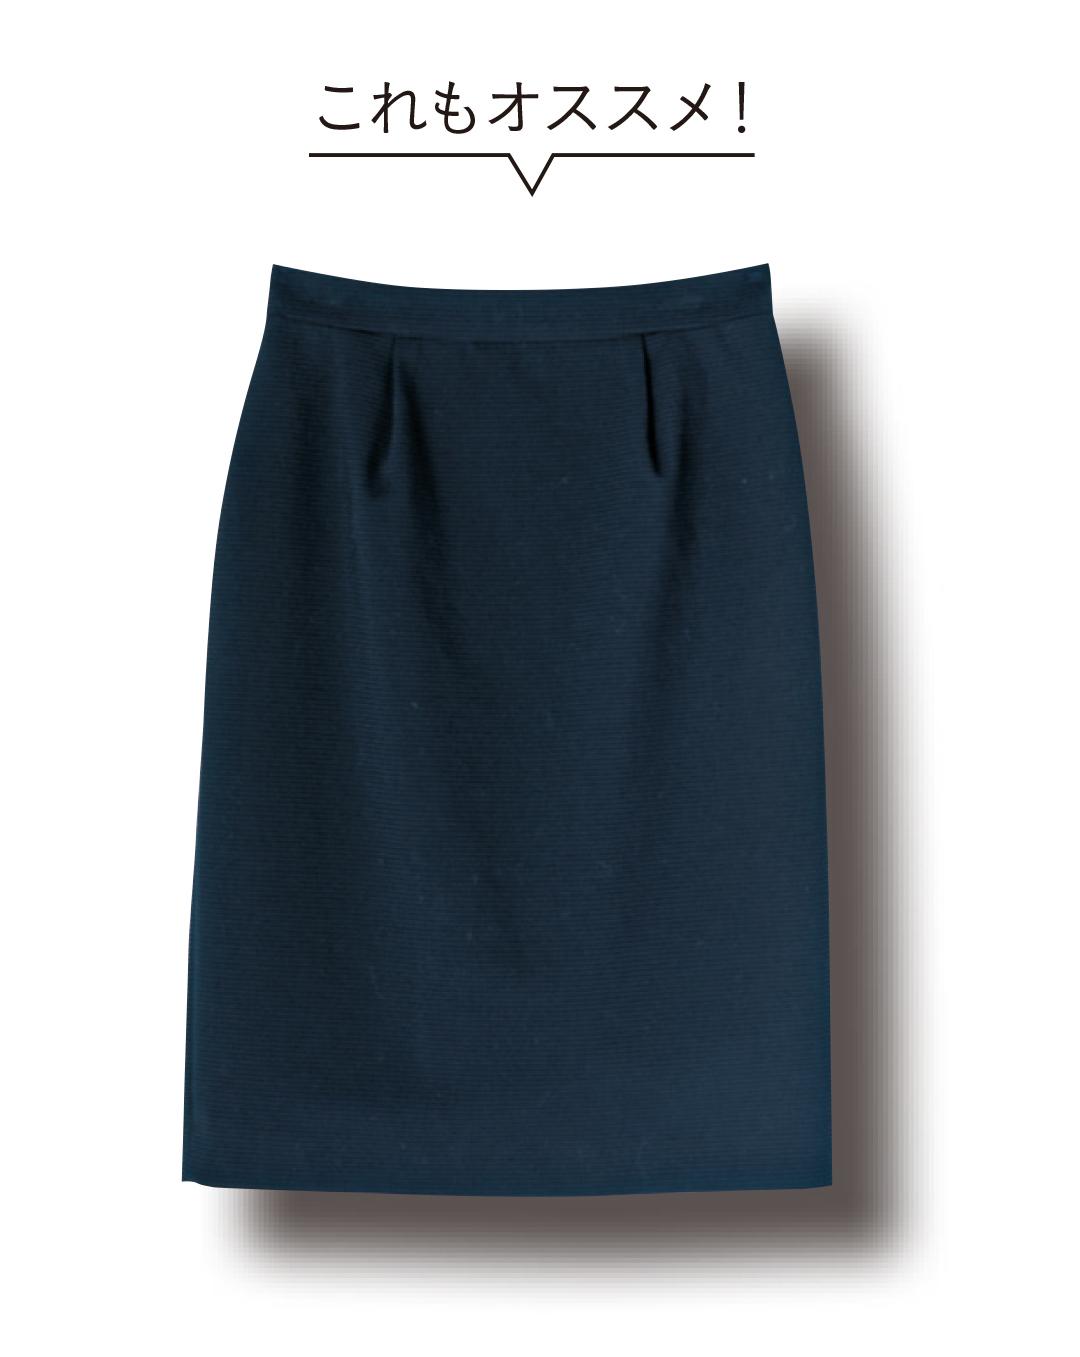 堅めオフィスできちんと見えスカート着回し☆毎日使えるタイトスカート4選!_1_3-5